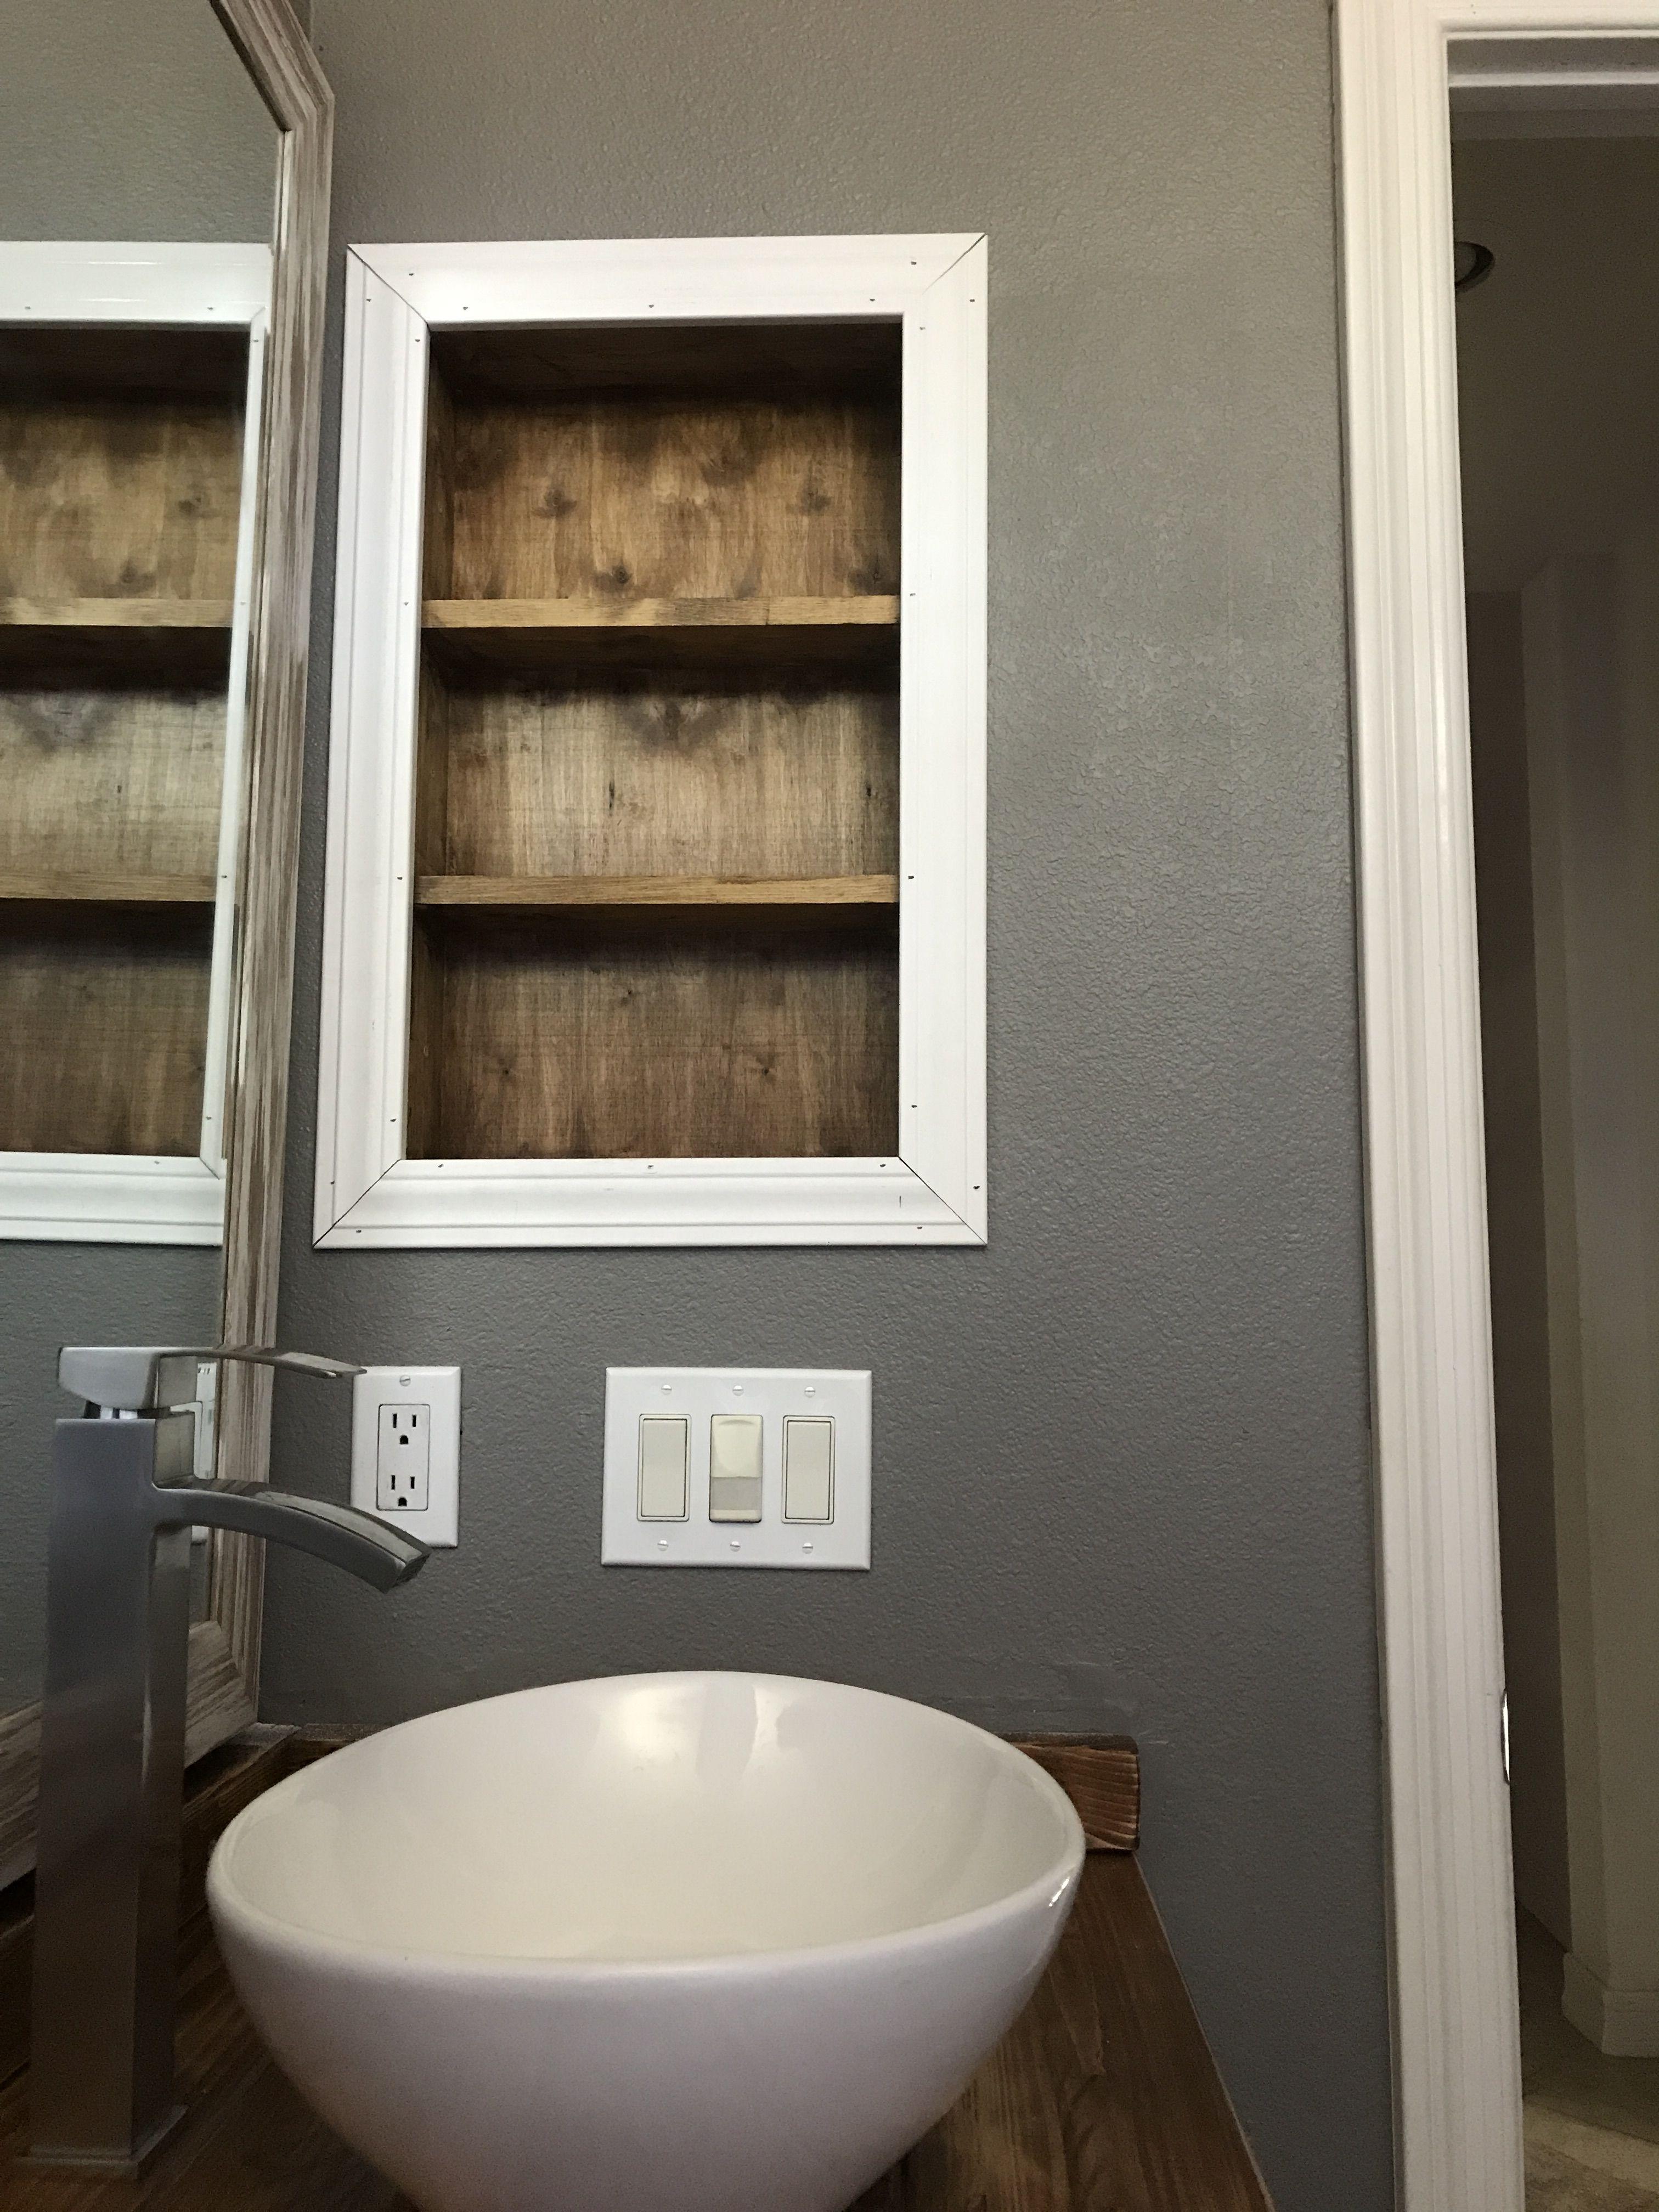 Bathroom Shelf Nook No Medicine Cabinet Remove Medicine Cabinet